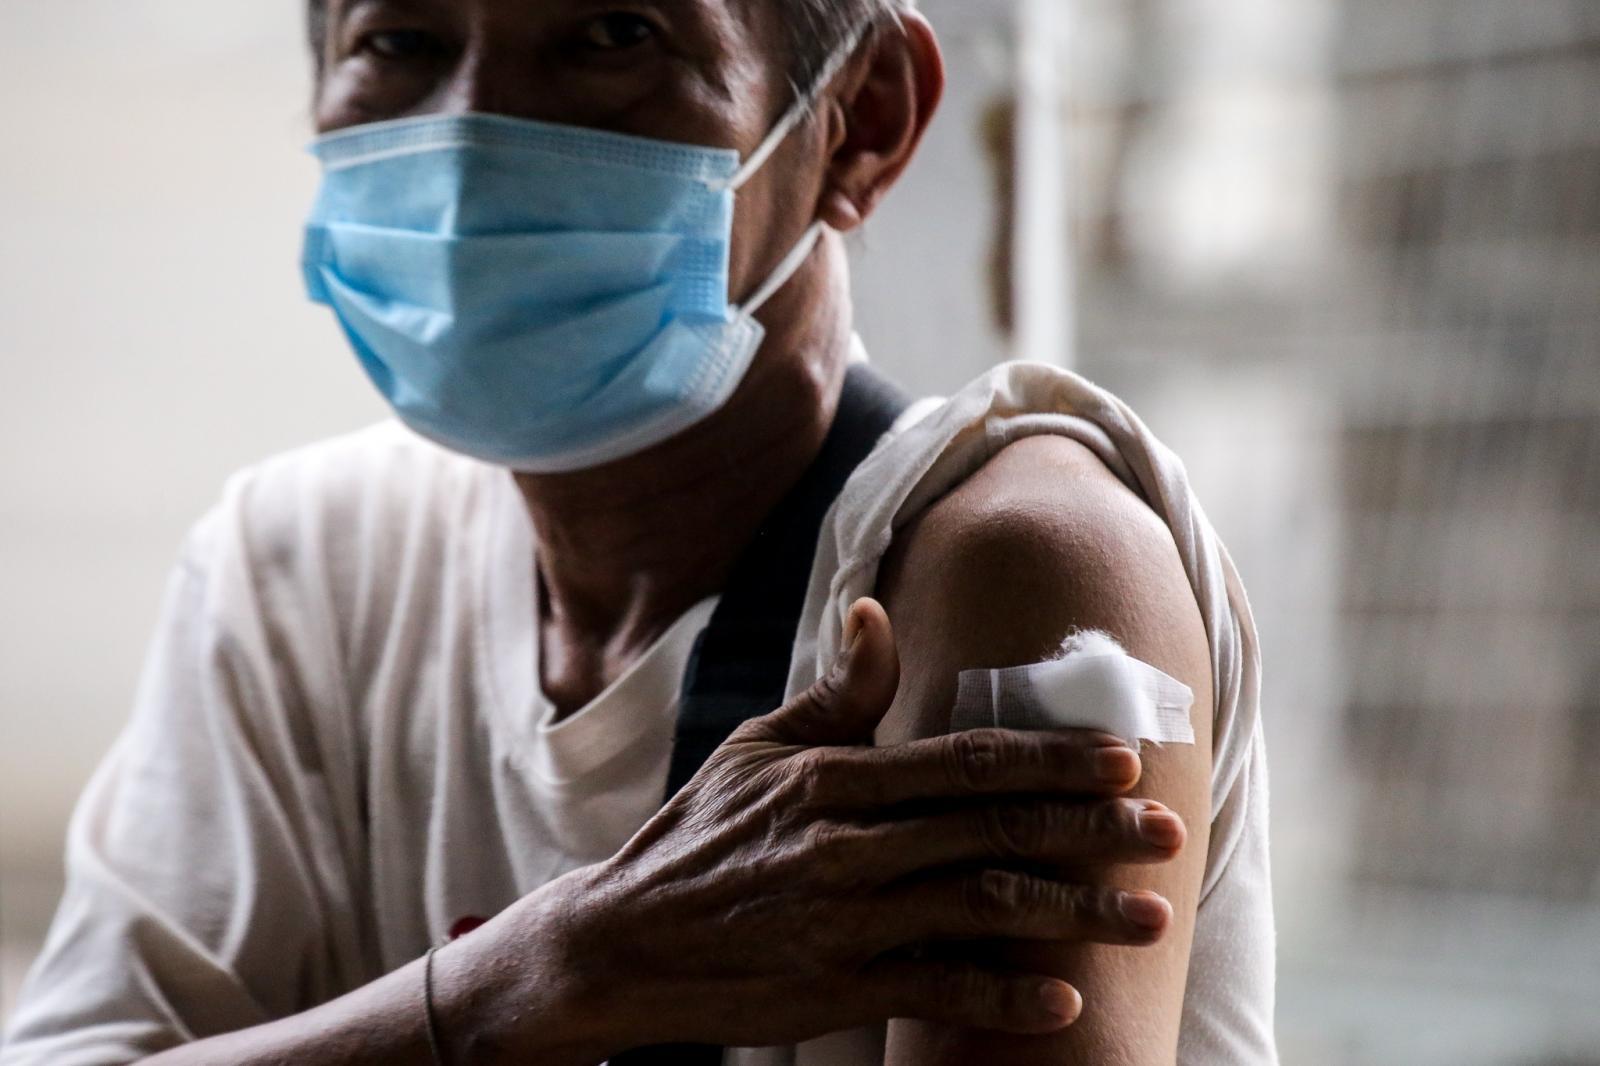 ภาวะลิ่มเลือดอุดตัน เป็นผลข้างเคียงจากวัคซีนโควิด-19?